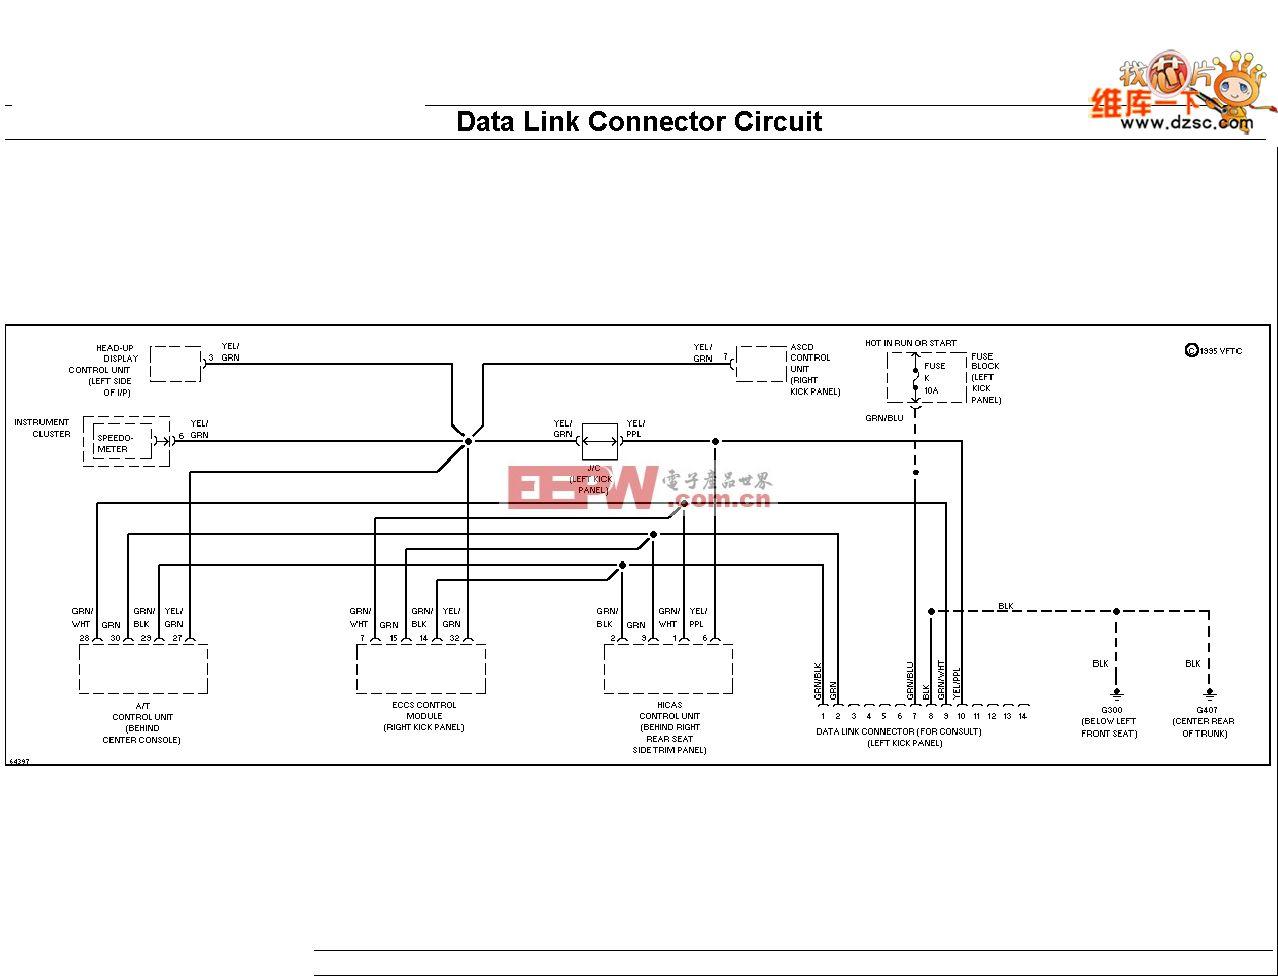 240SX-1994日产尼桑自诊接头电路图